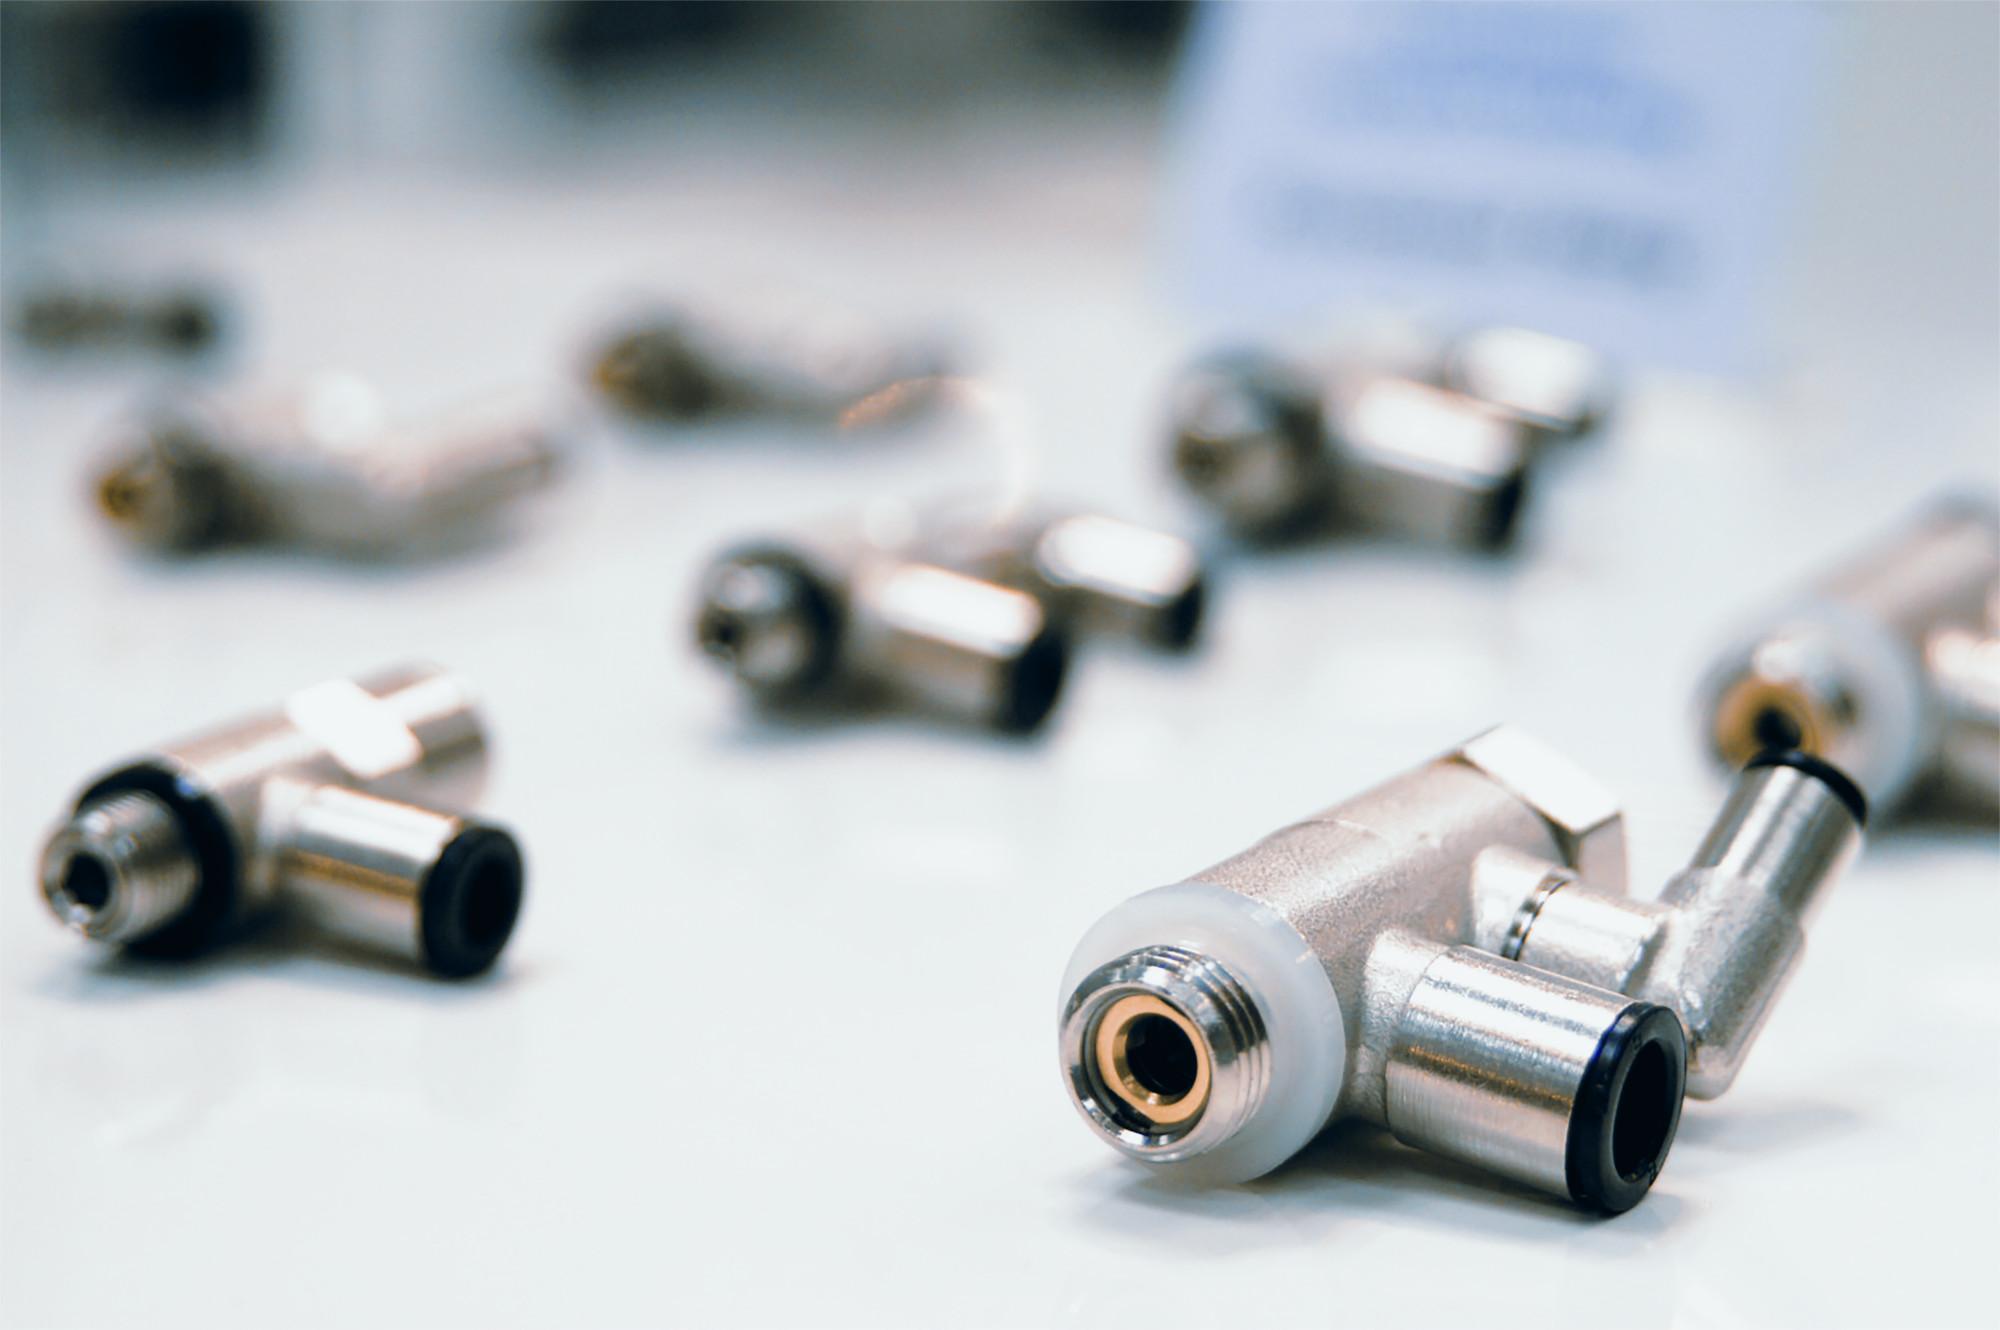 Zum Produktportfolio der ITV GmbH zählen Steckverbindungen, Fittings, Schalldämpferkupplungen, Schläuche, Wartungseinheiten, Kugelhähne, Magnetventile sowie individuelle Sonderlösungen. (Bild: ITV GmbH)